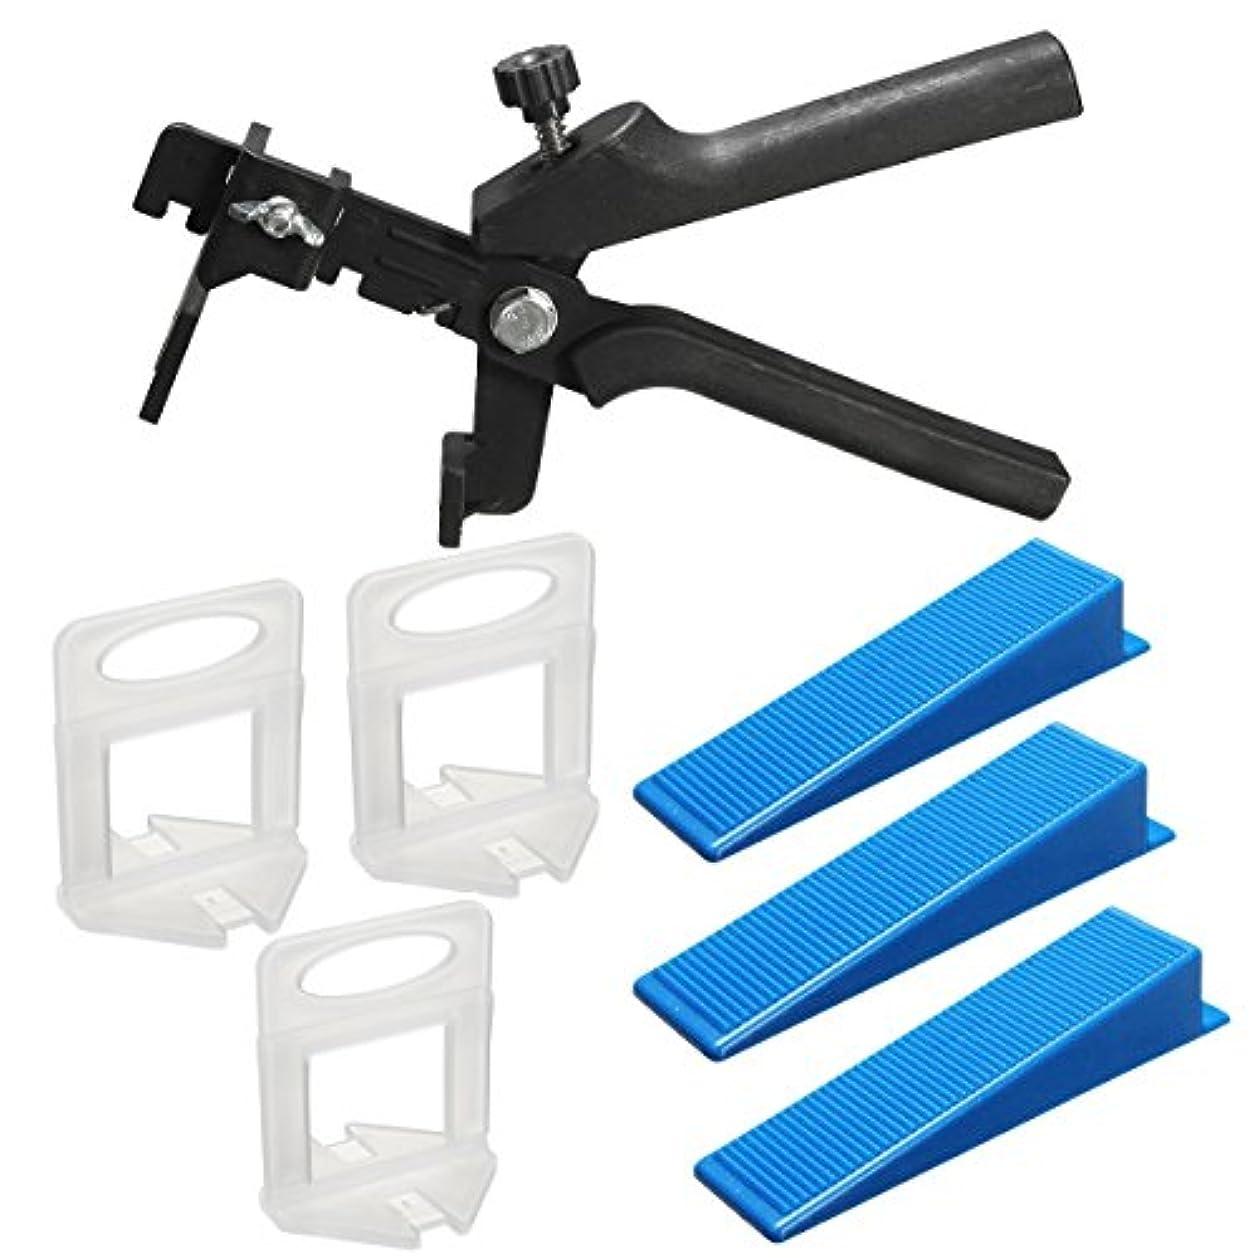 若い特に信仰3 mm スターター基本タイルのレベリングエイドマウンティングエイドを敷設して設定します。